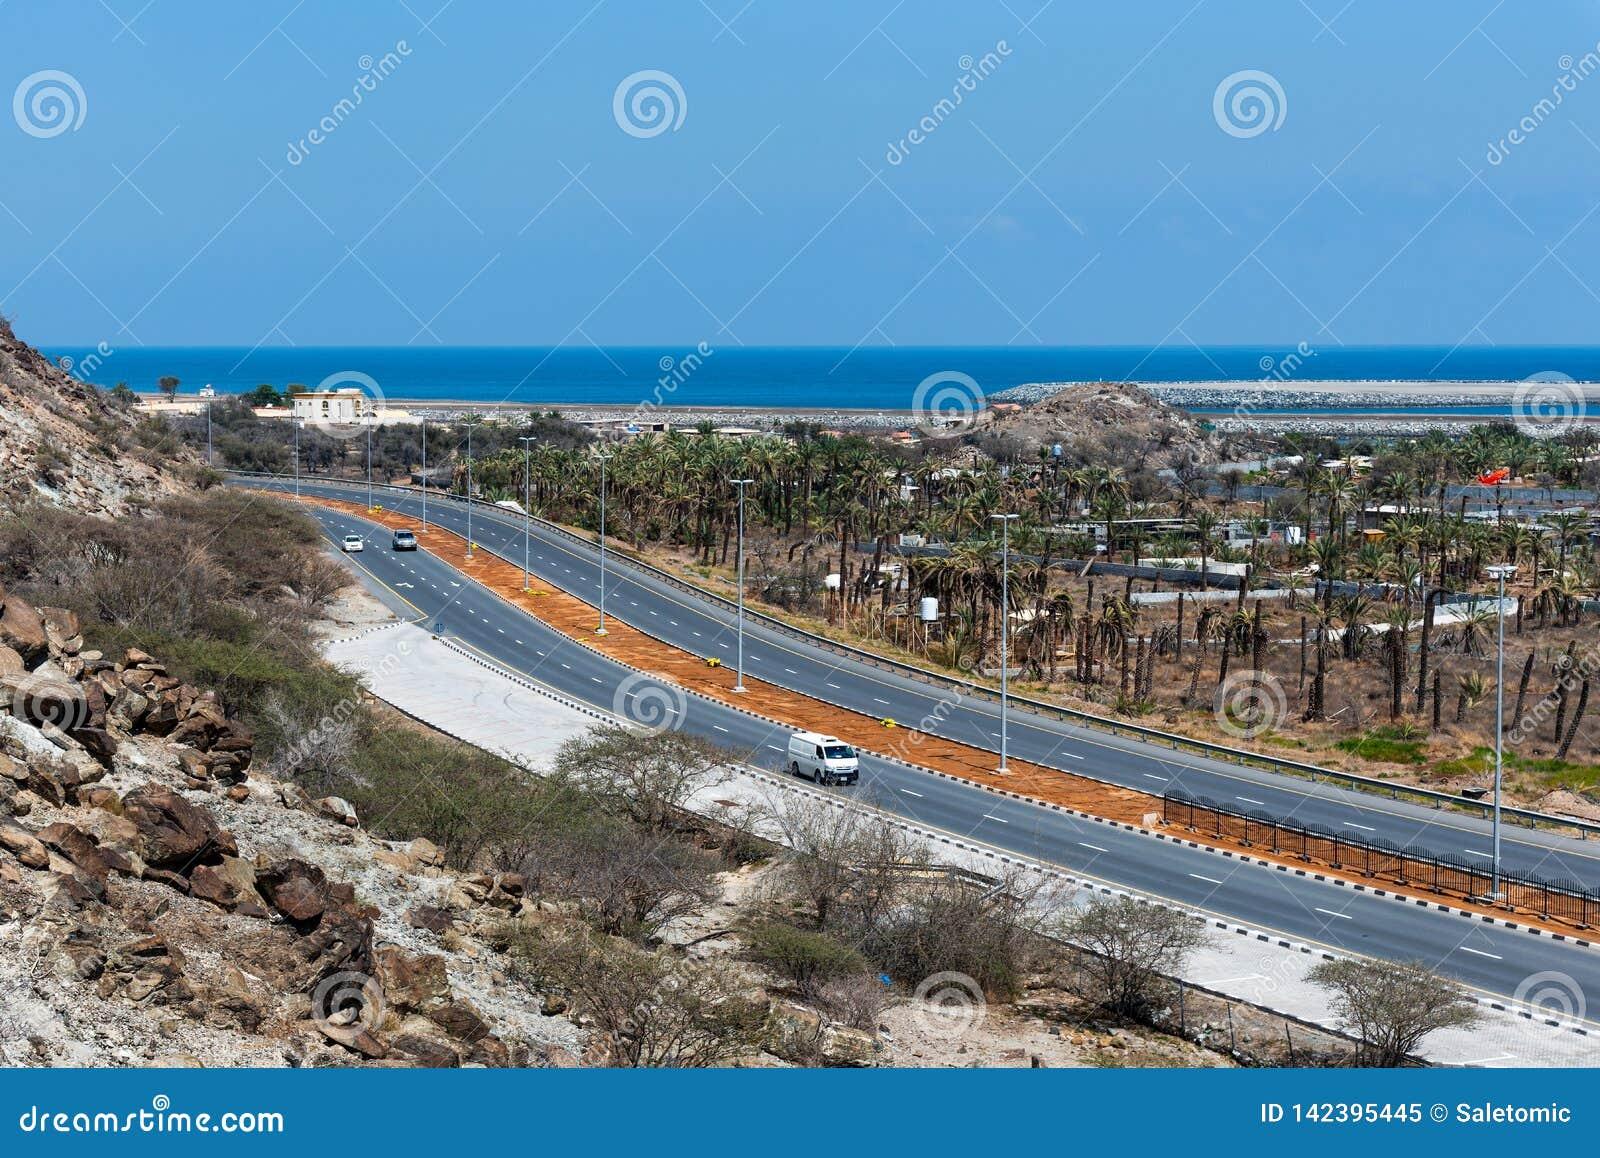 Bidya, Emiratos Árabes Unidos - 16 de março de 2019: Golfo de Omã e estrada litoral de Bidya no emirado de Fujairah nos UAE